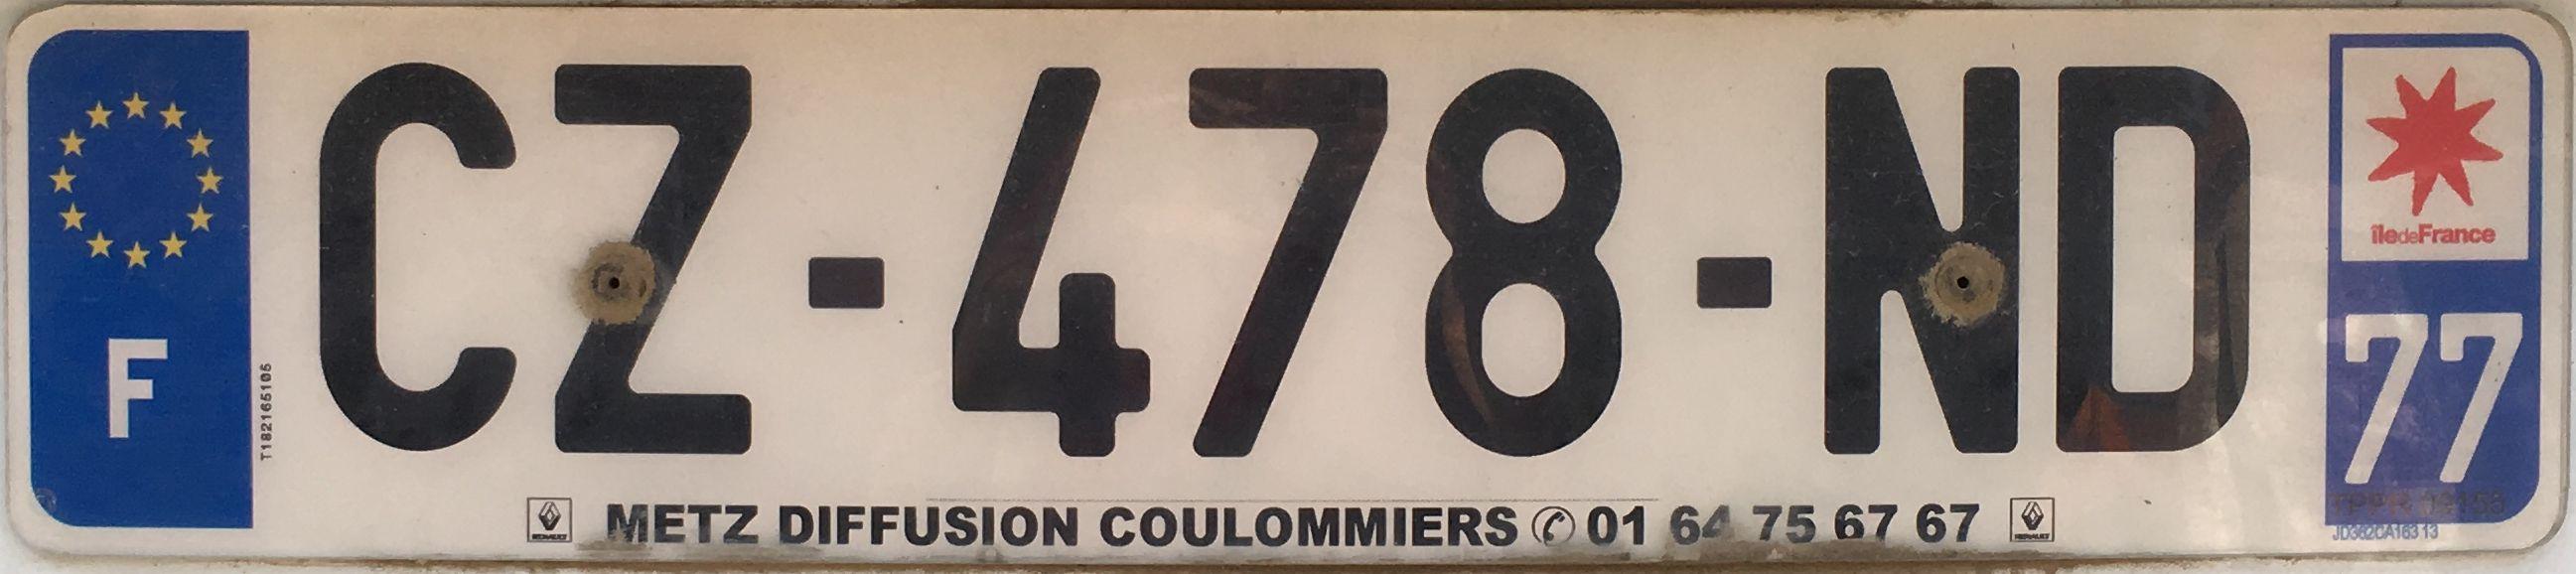 Francouzská registrační značka - 77 - Seine-et-Marne, foto:www.podalnici.cz